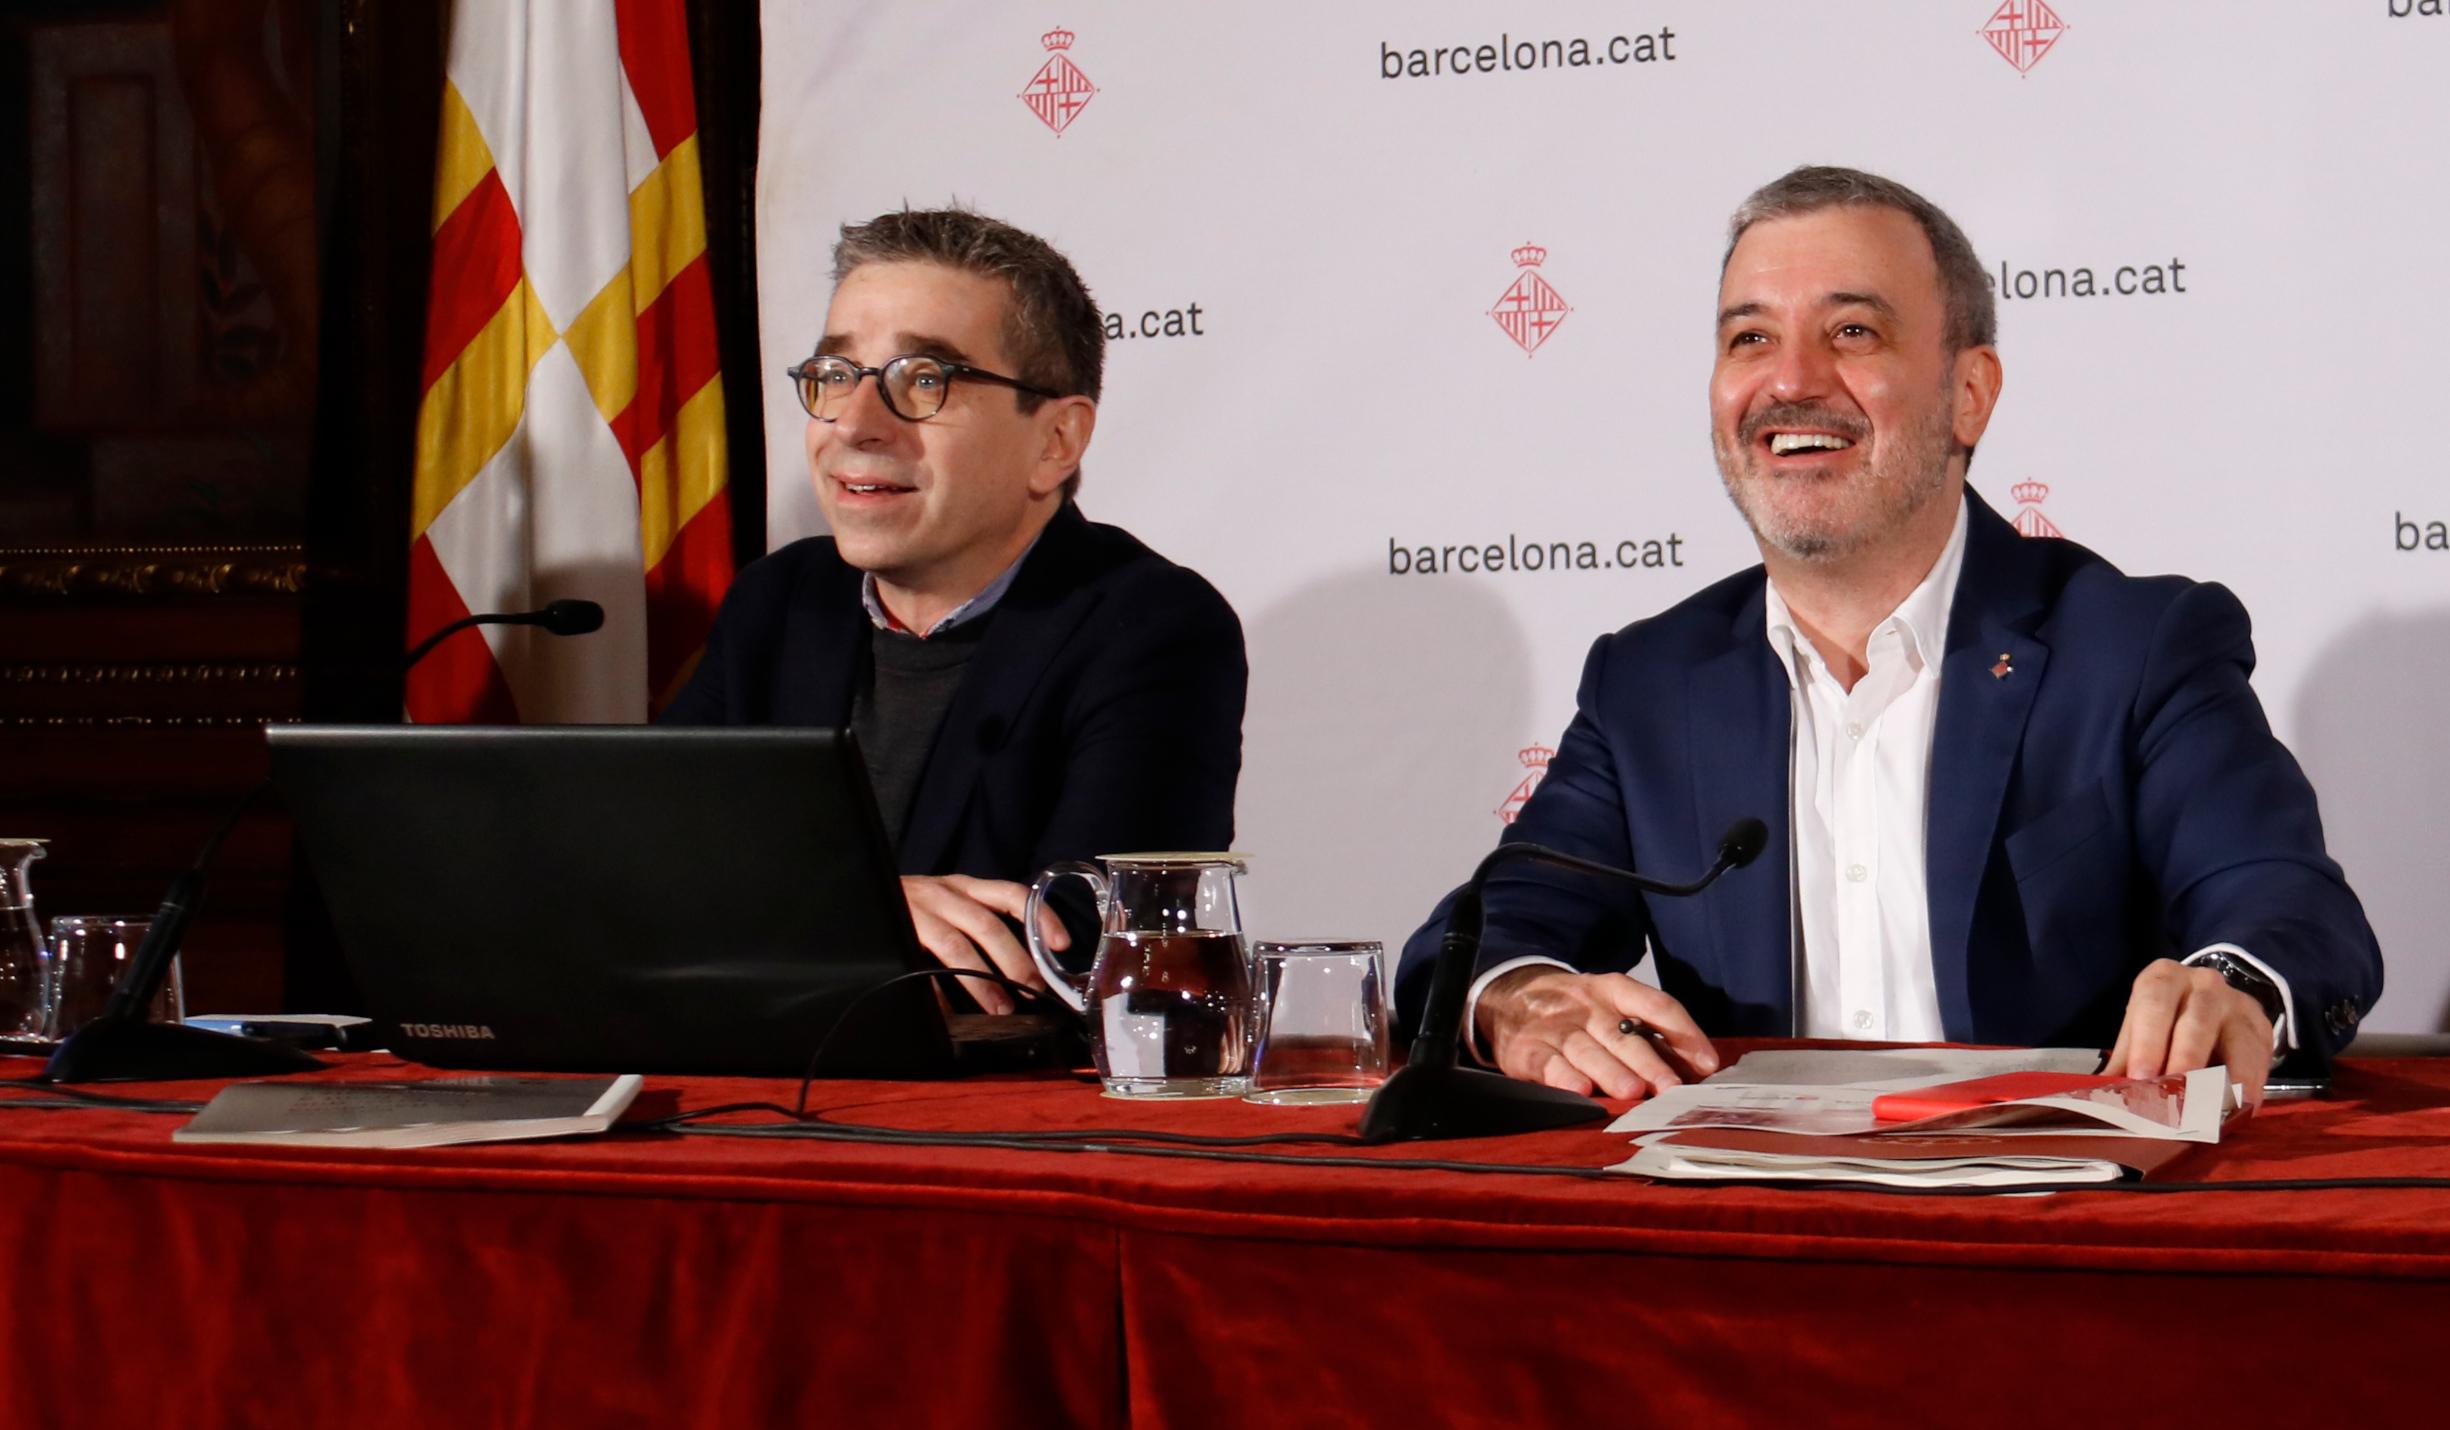 El regidor de Pressupostos, Jordi Martí, i el primer tinent d'alcaldia, Jaume Collboni, en una imatge d'arxiu, el gener del 2020 / ACN